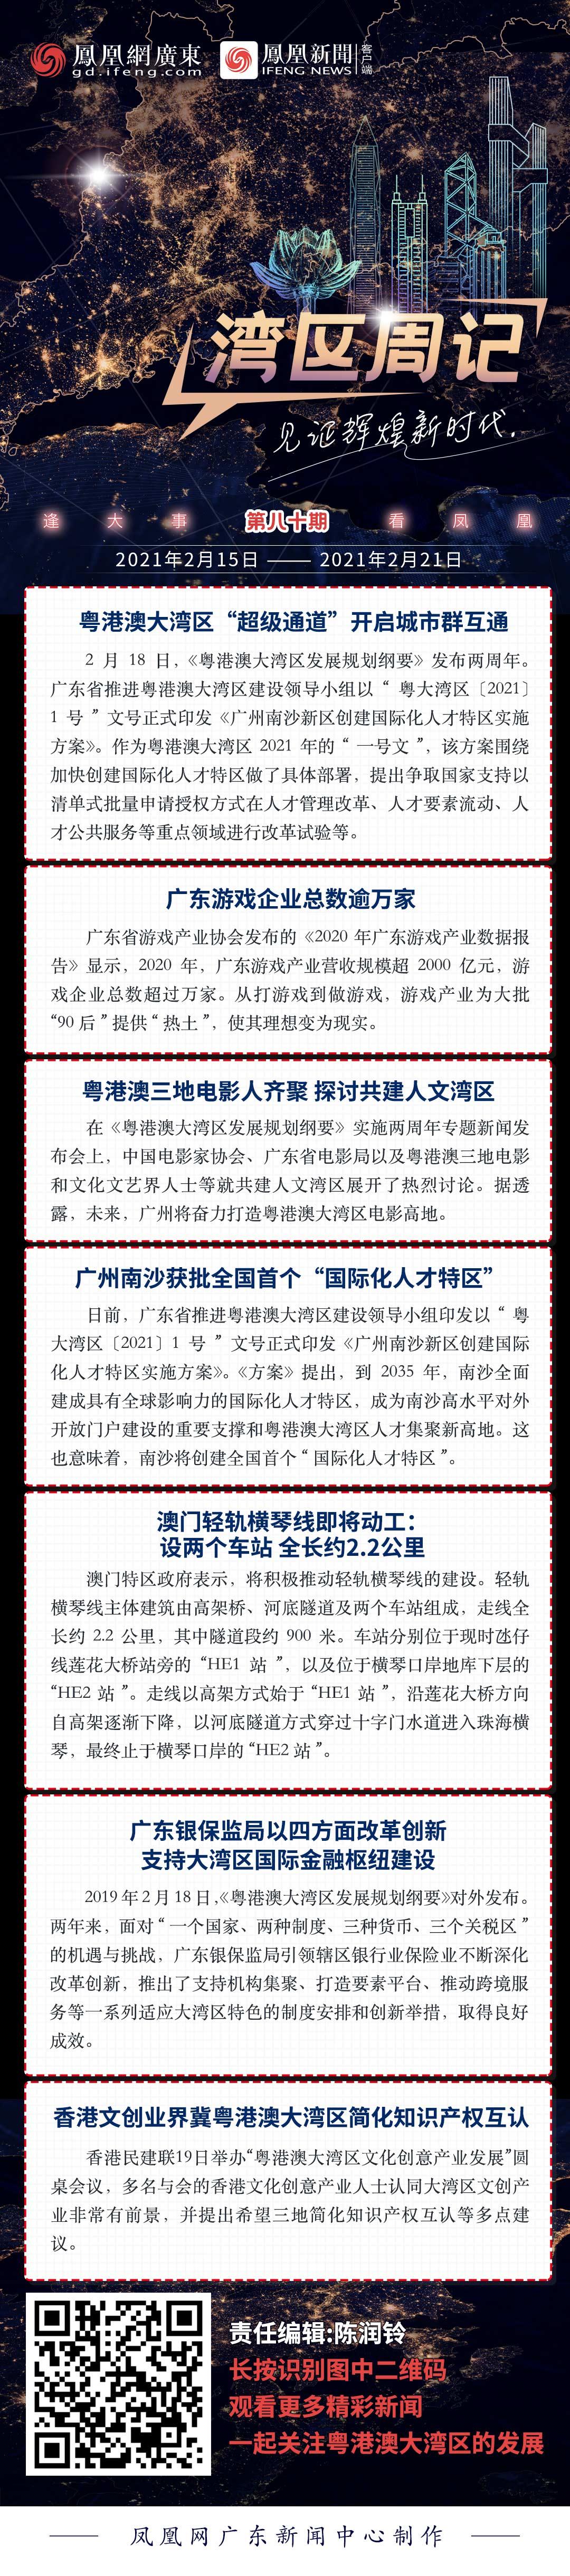 """湾区周记No.80丨粤港澳大湾区""""超级通道""""开启城市群互通"""